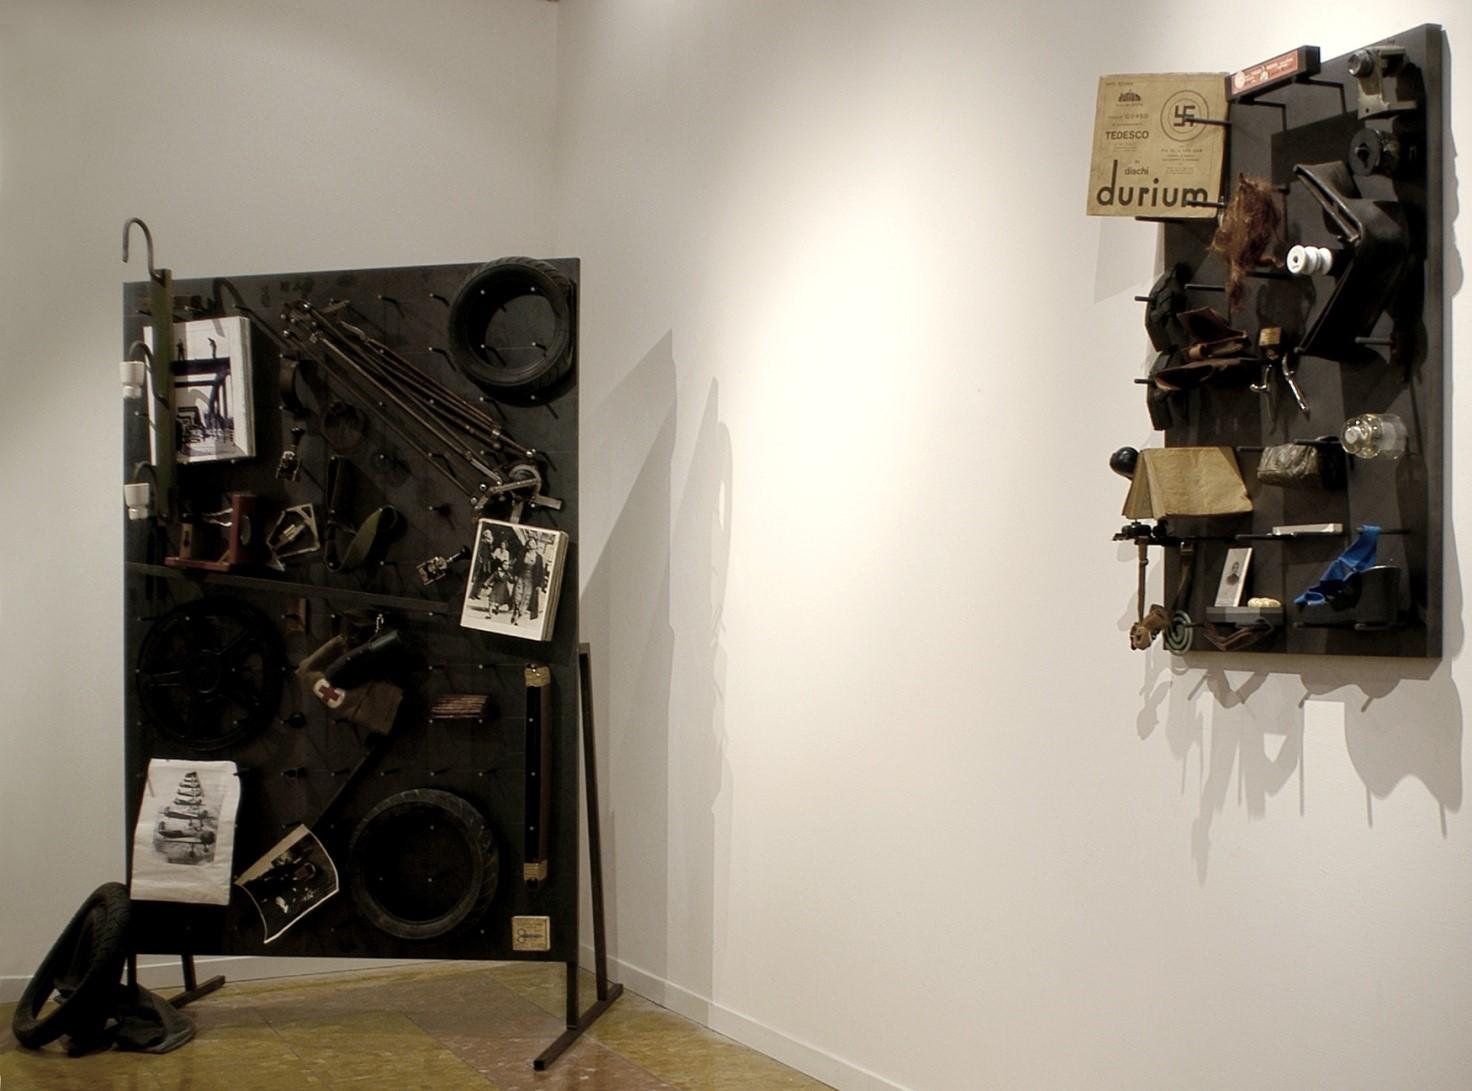 """L'immagine mostra un'opera di Fabio Mauri chiamata """"Mia Cugina Marcella"""", un pannello di ferro su cui sono attaccati vari oggetti di ferro e non"""